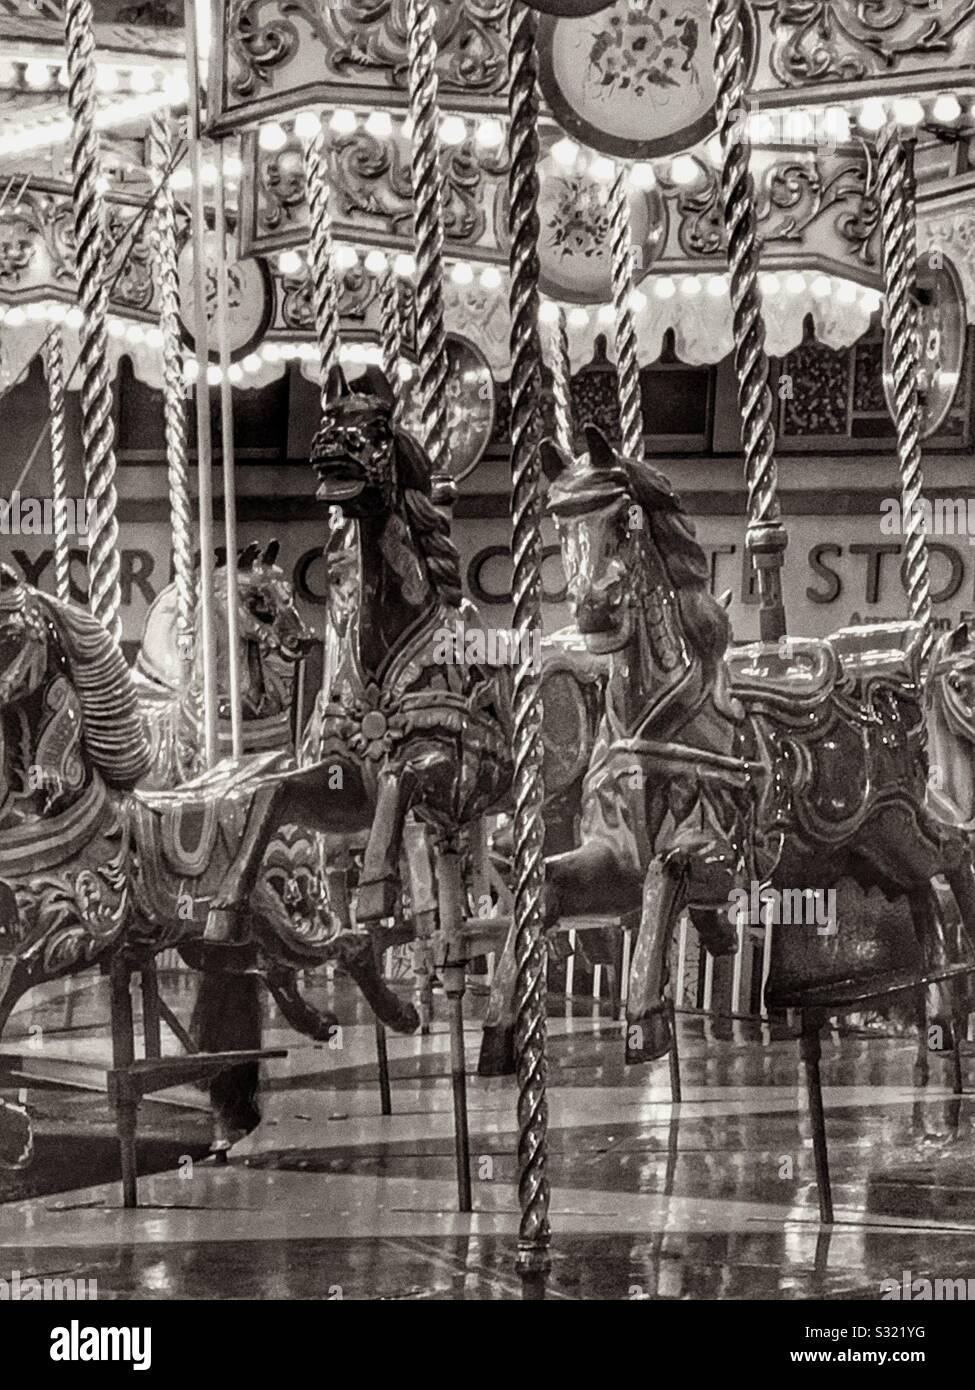 Carousel Horses England Uk B W Stock Photo Alamy